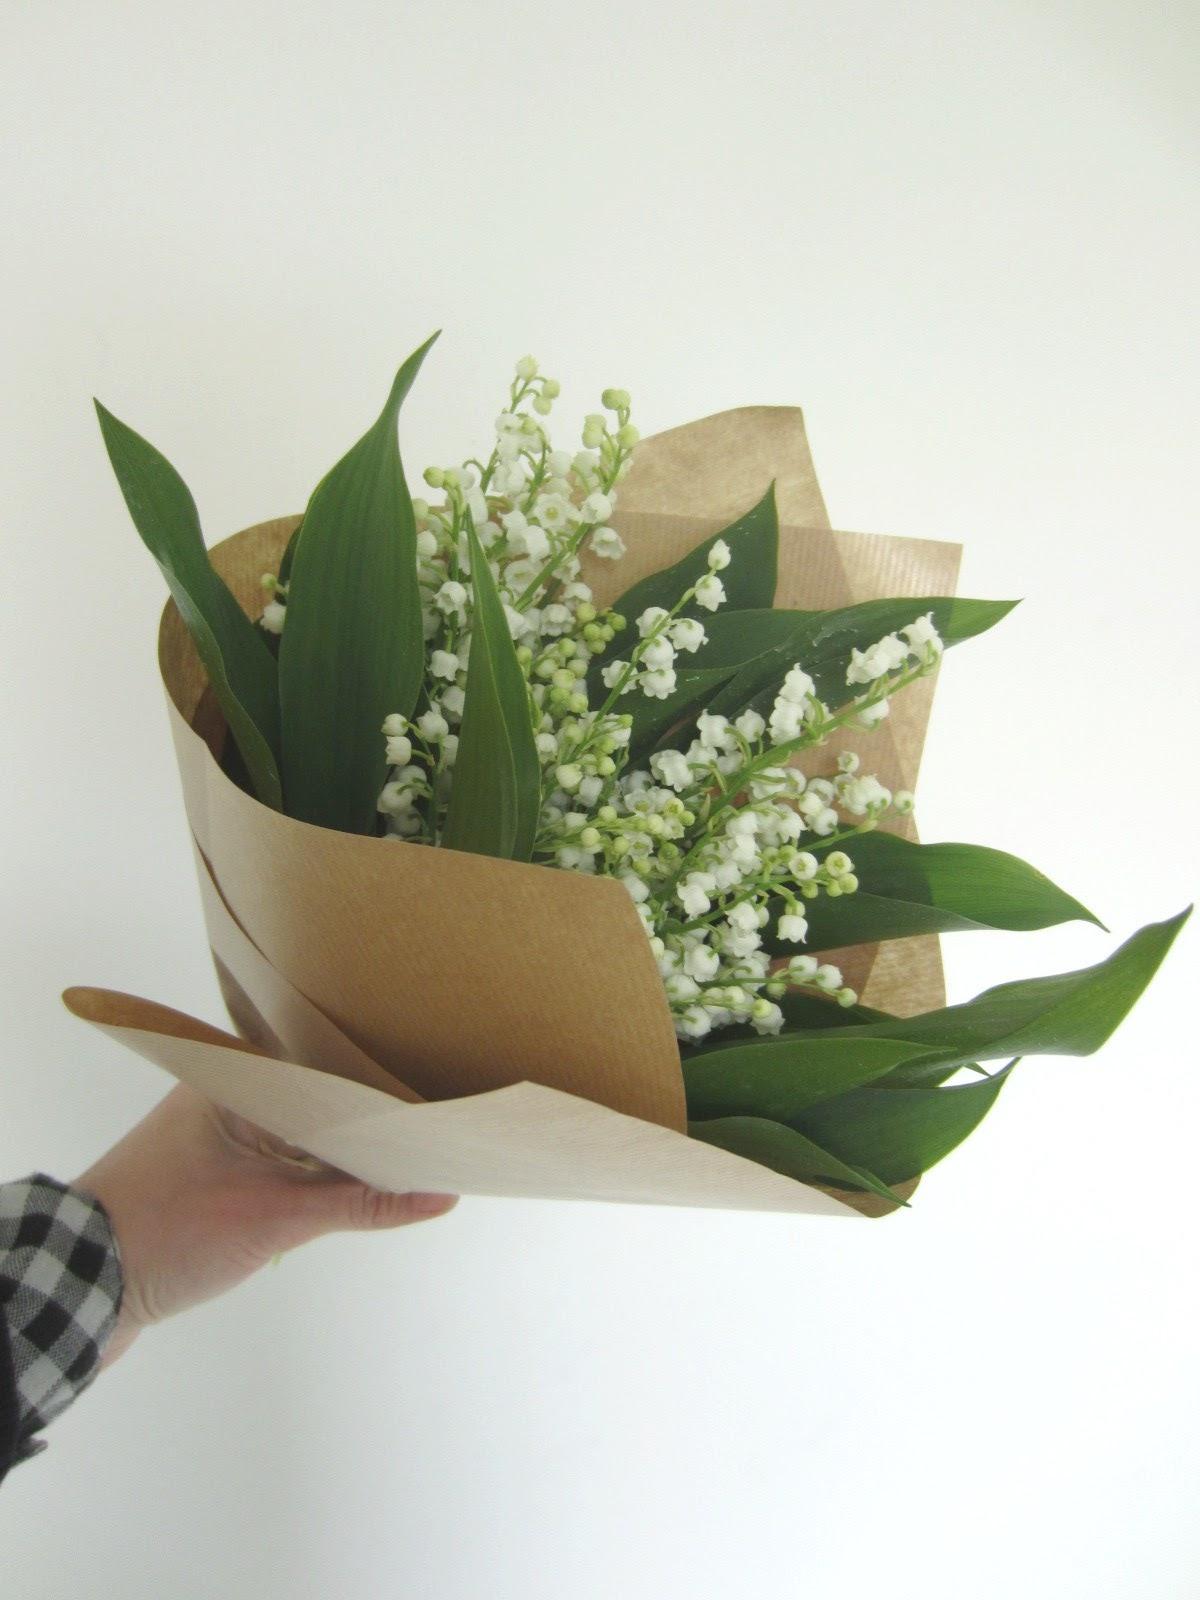 la petite boutique de fleurs fleuriste mariage lyon fleuriste mariage rh ne joli mariage du. Black Bedroom Furniture Sets. Home Design Ideas